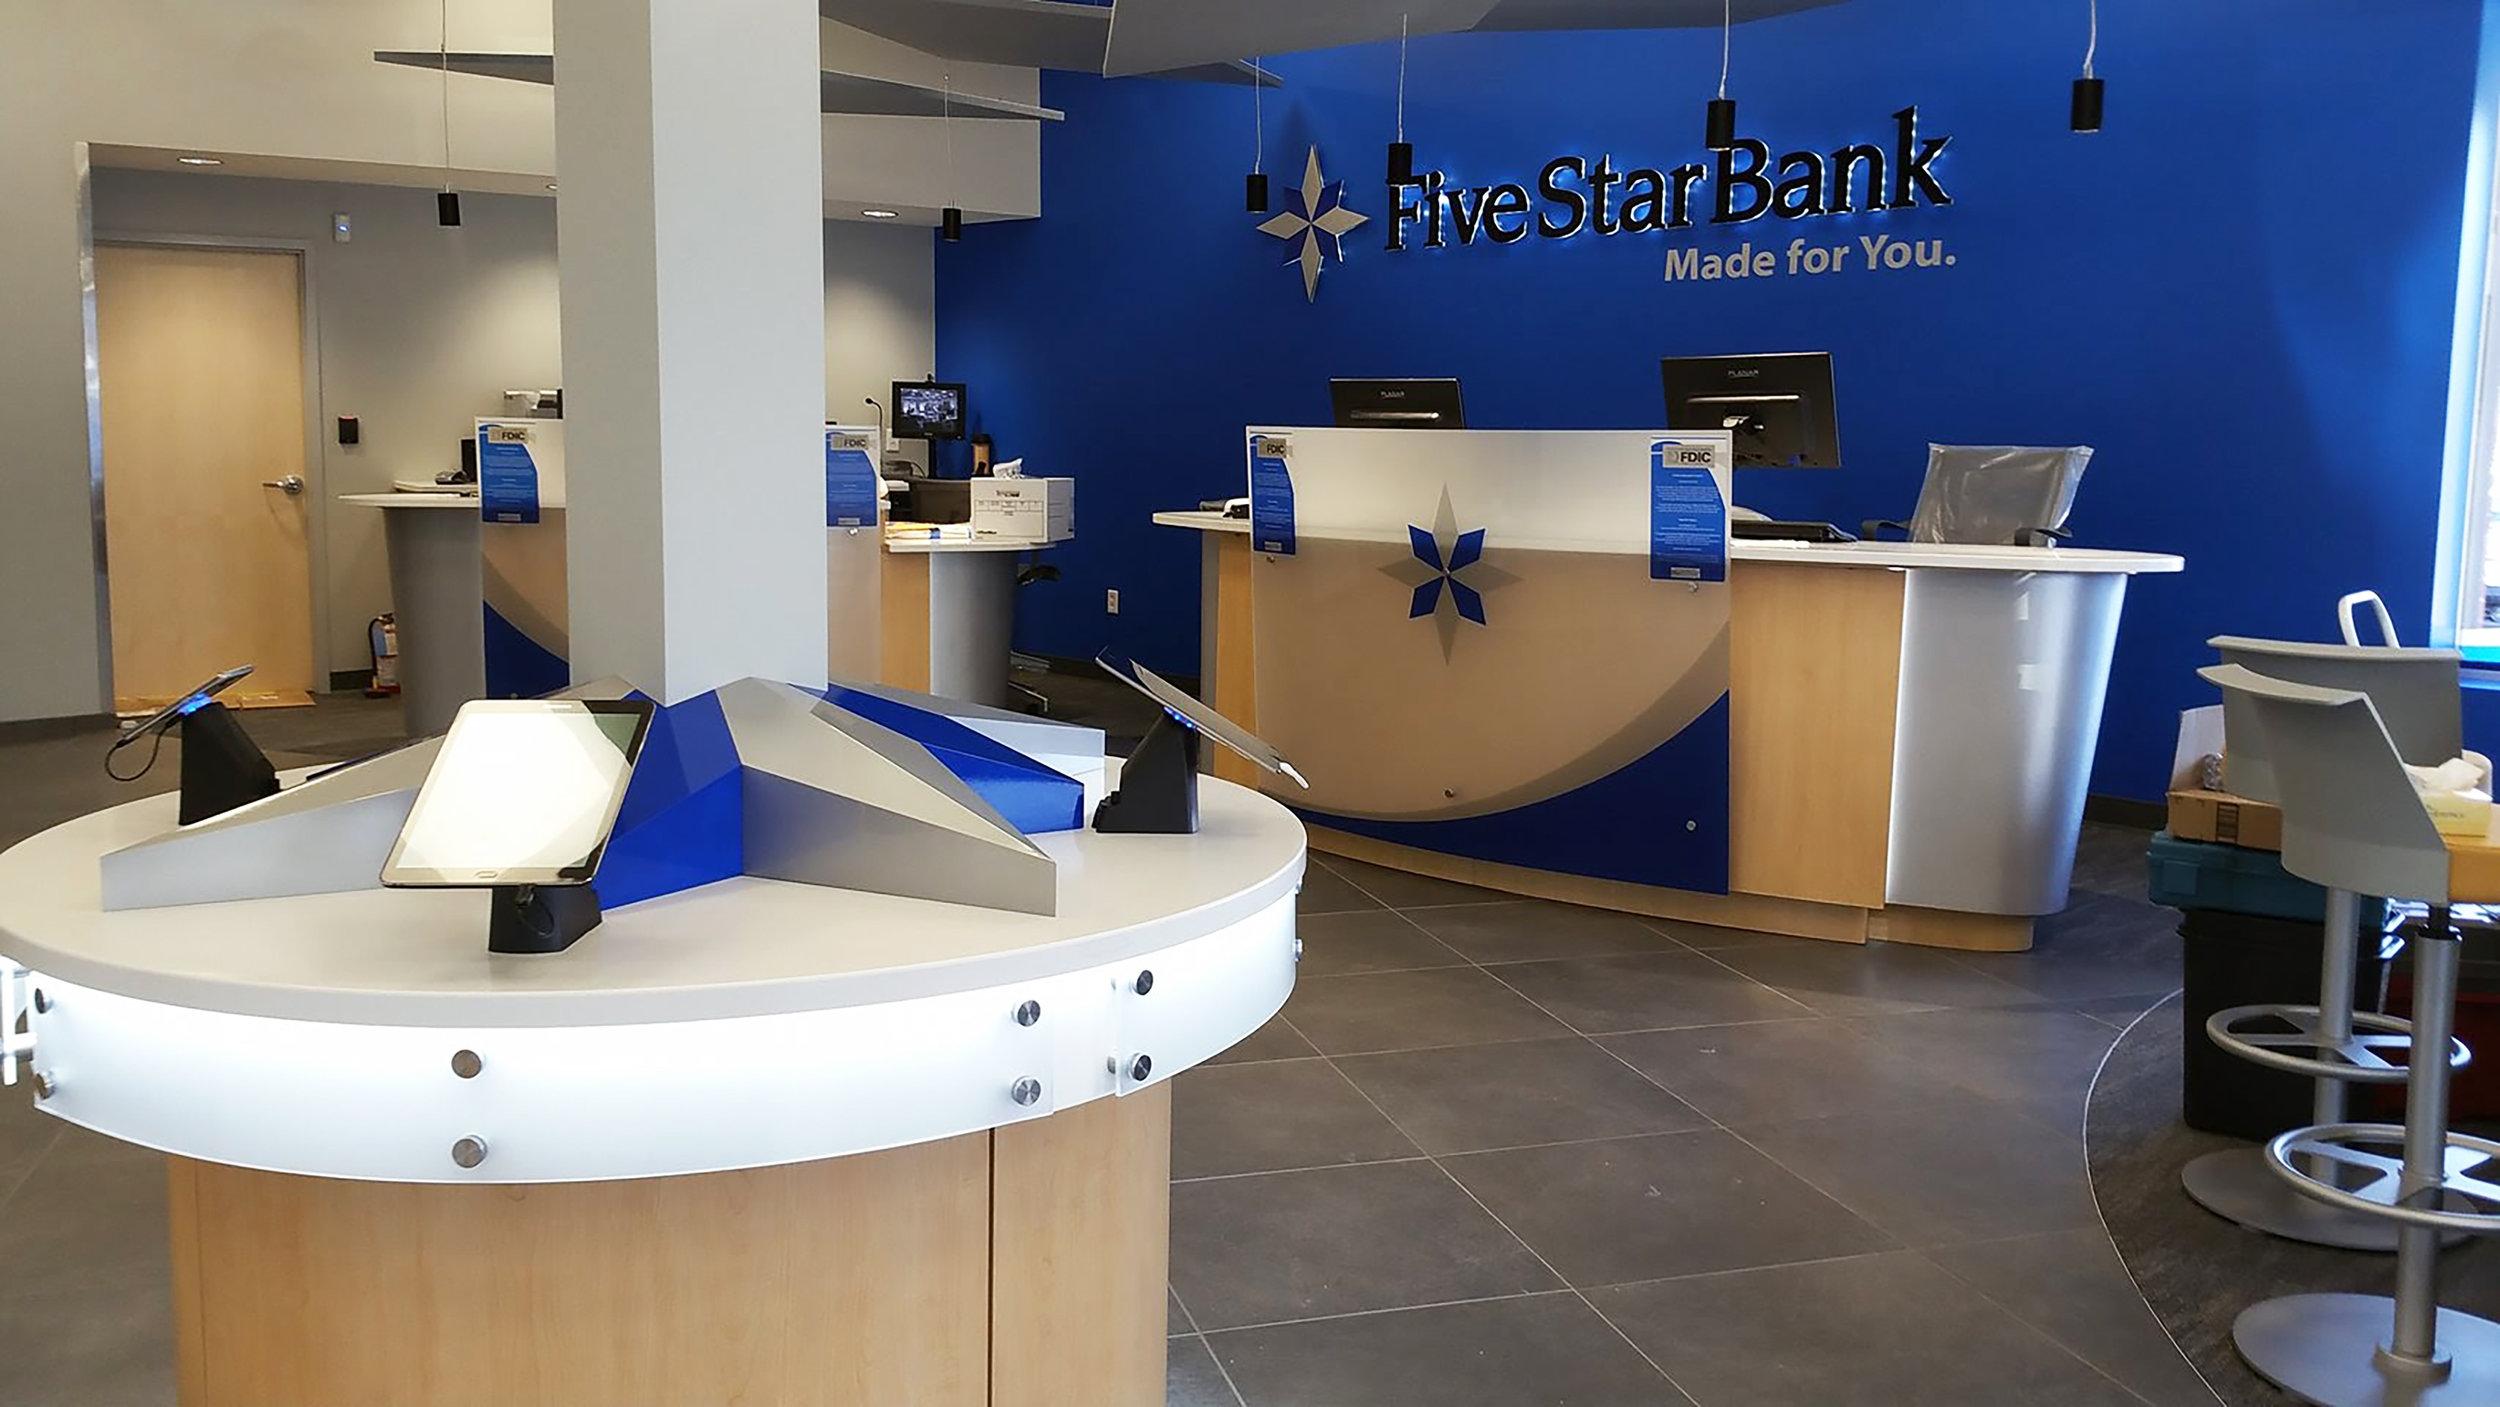 Five Star Bank - Backlit Lettering and Custom Formed Metal Star